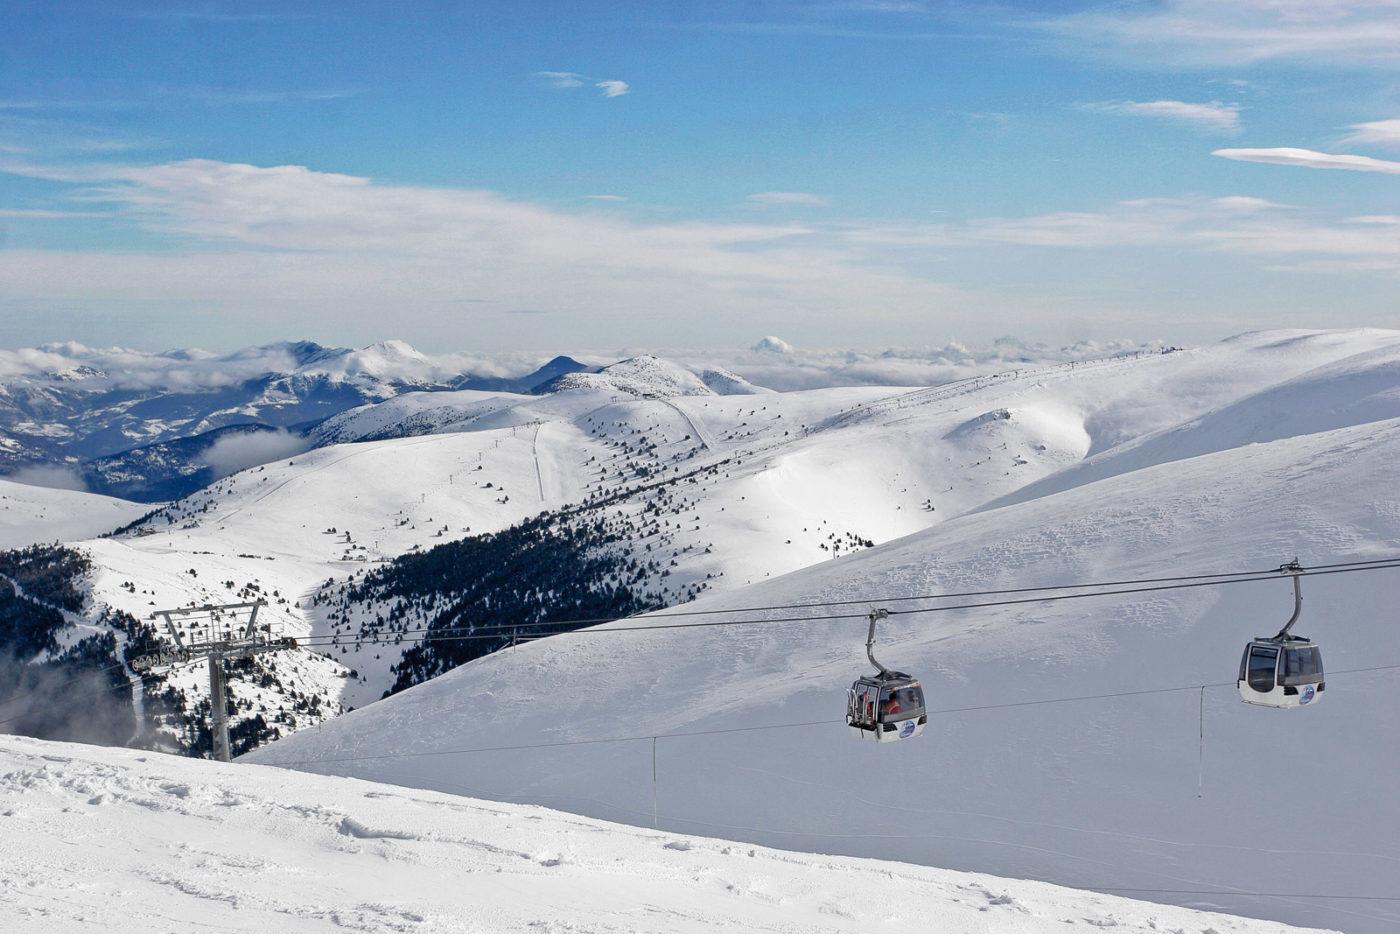 La Molina, estación de ski. La Molina Ski station